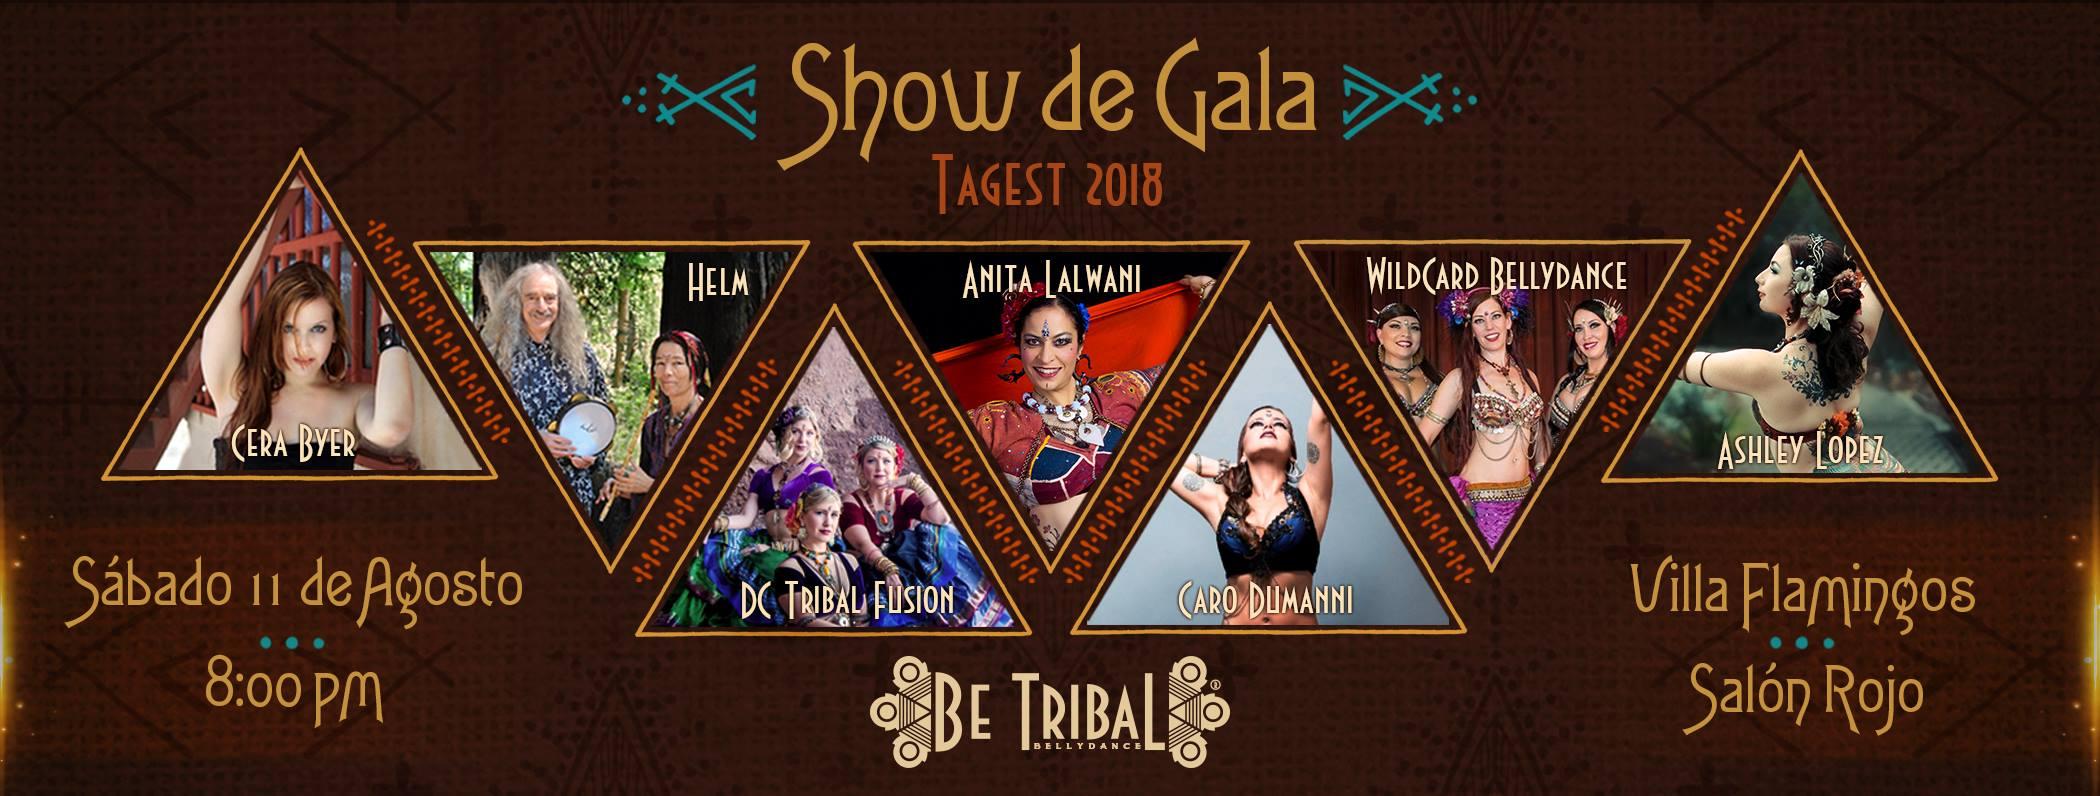 Be Tribal Bellydance Show de Gala 2018 Portada